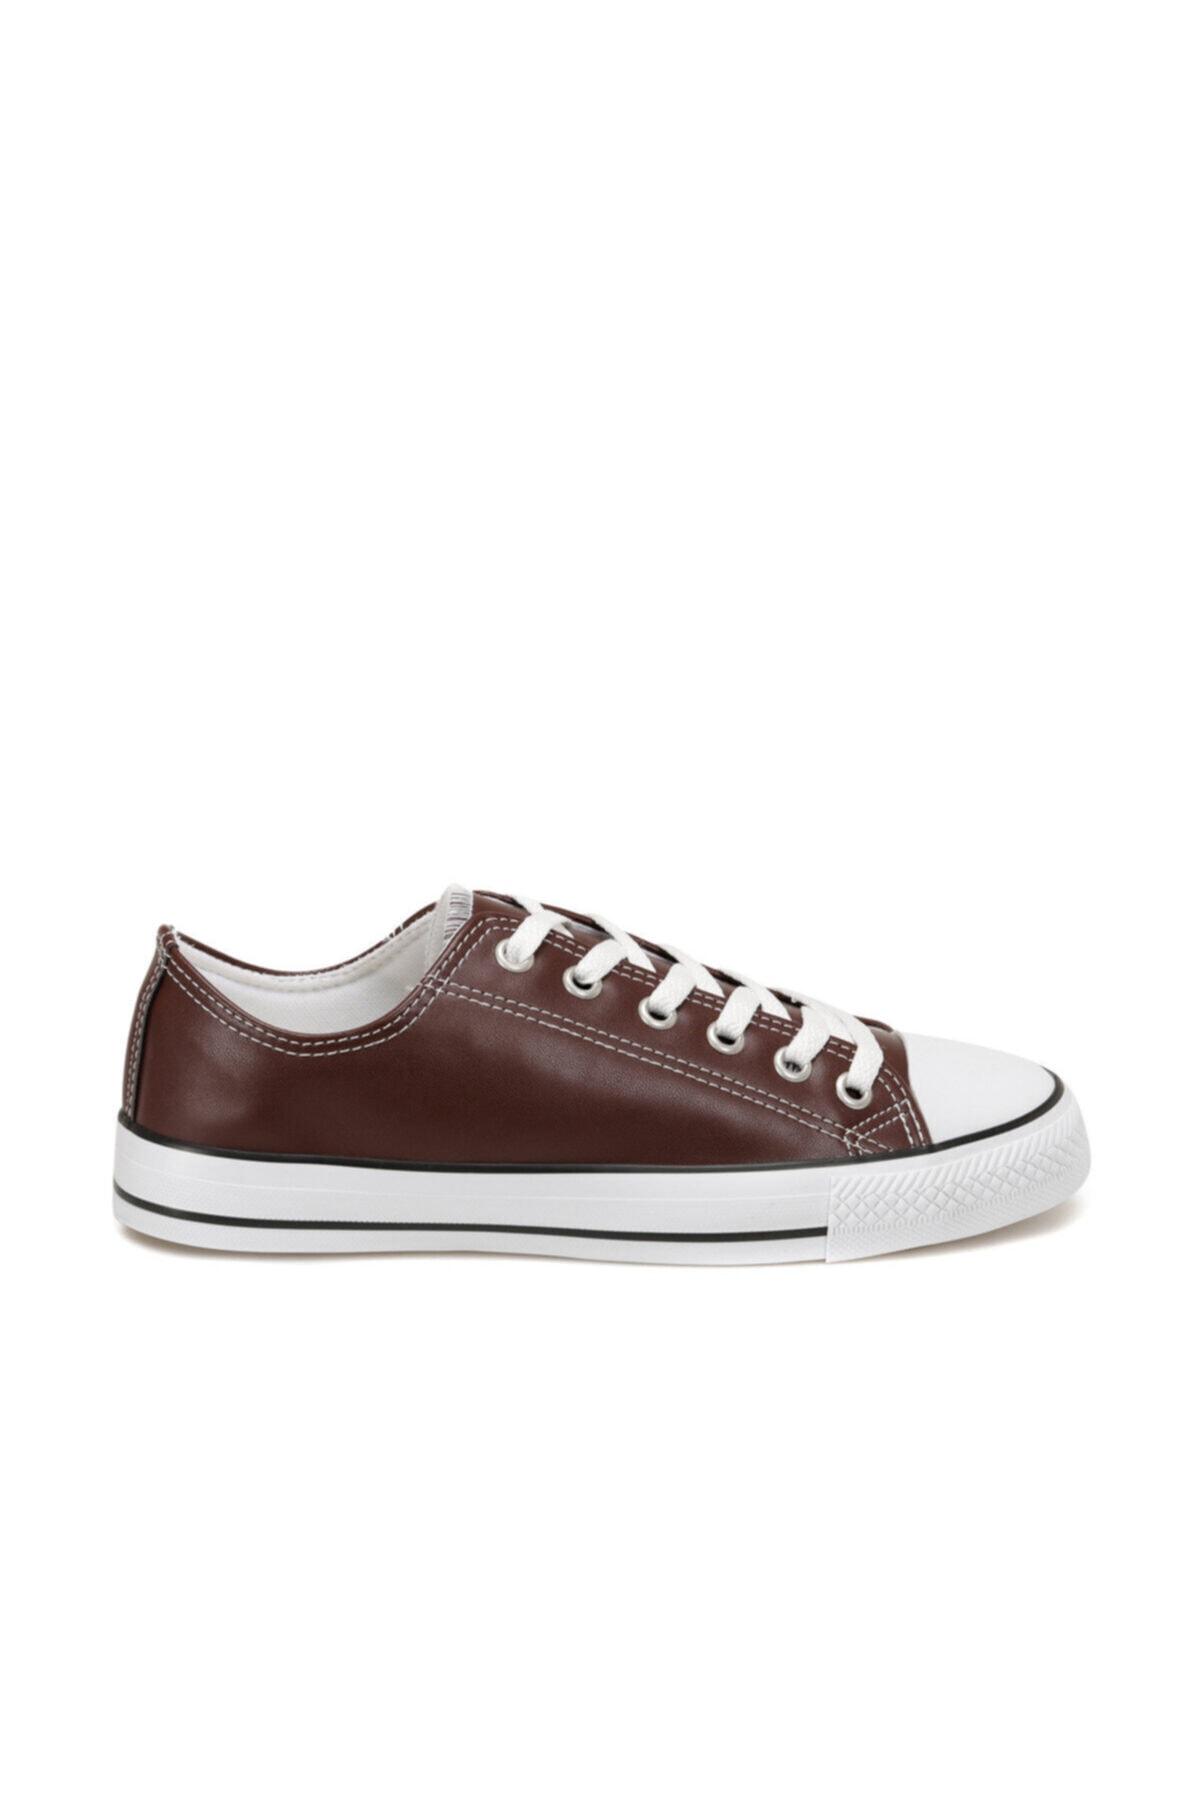 FORESTER EC-2001 Bordo Erkek Kalın Tabanlı Sneaker 100669571 2